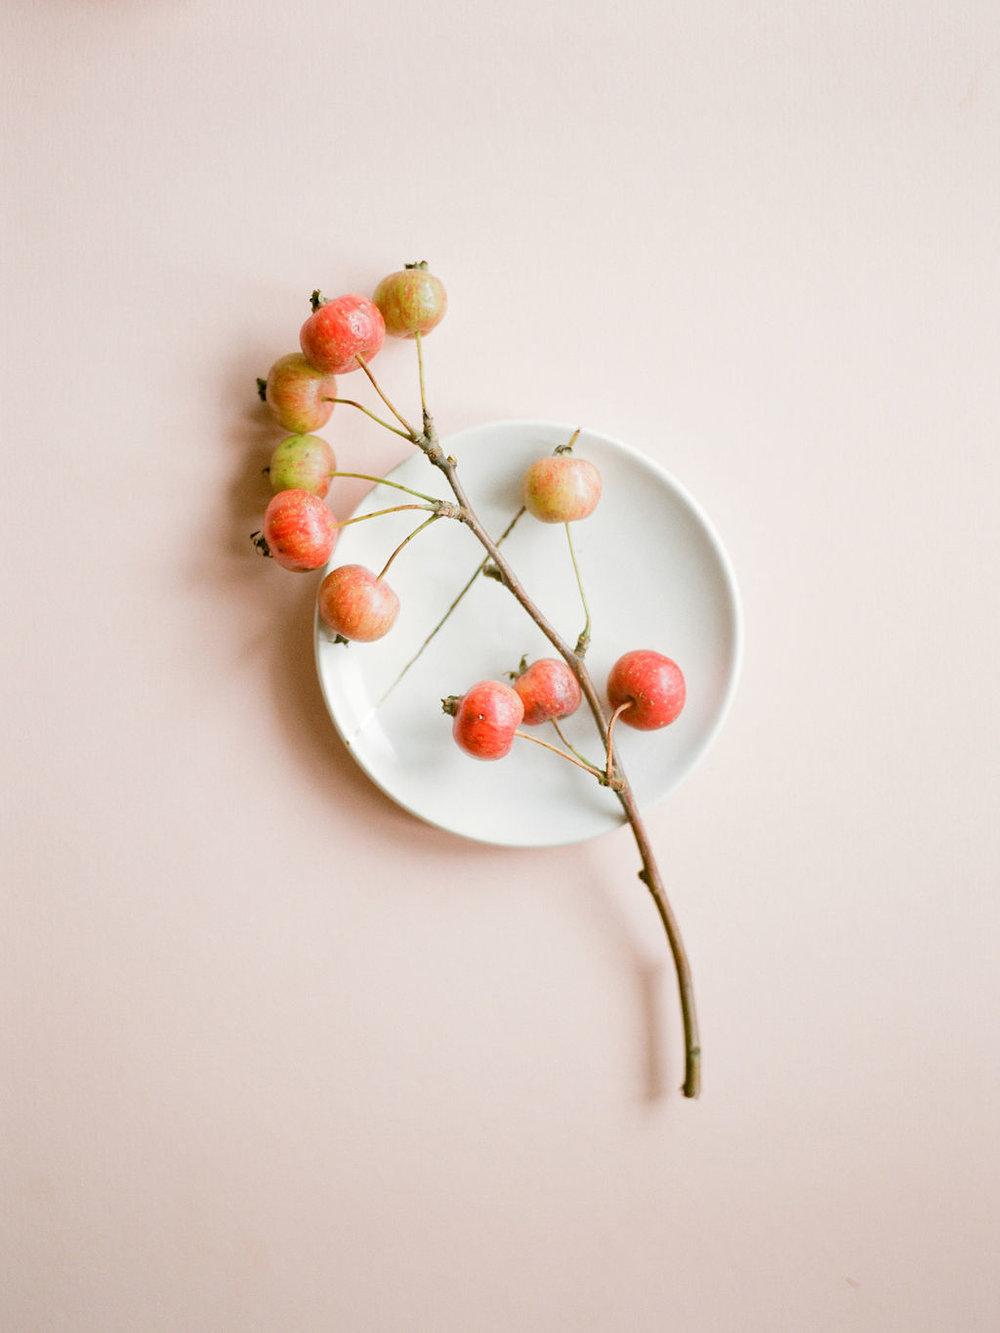 Crab-Apple-Details-Houston-Stylist-Maxit-Flower-Design.jpg